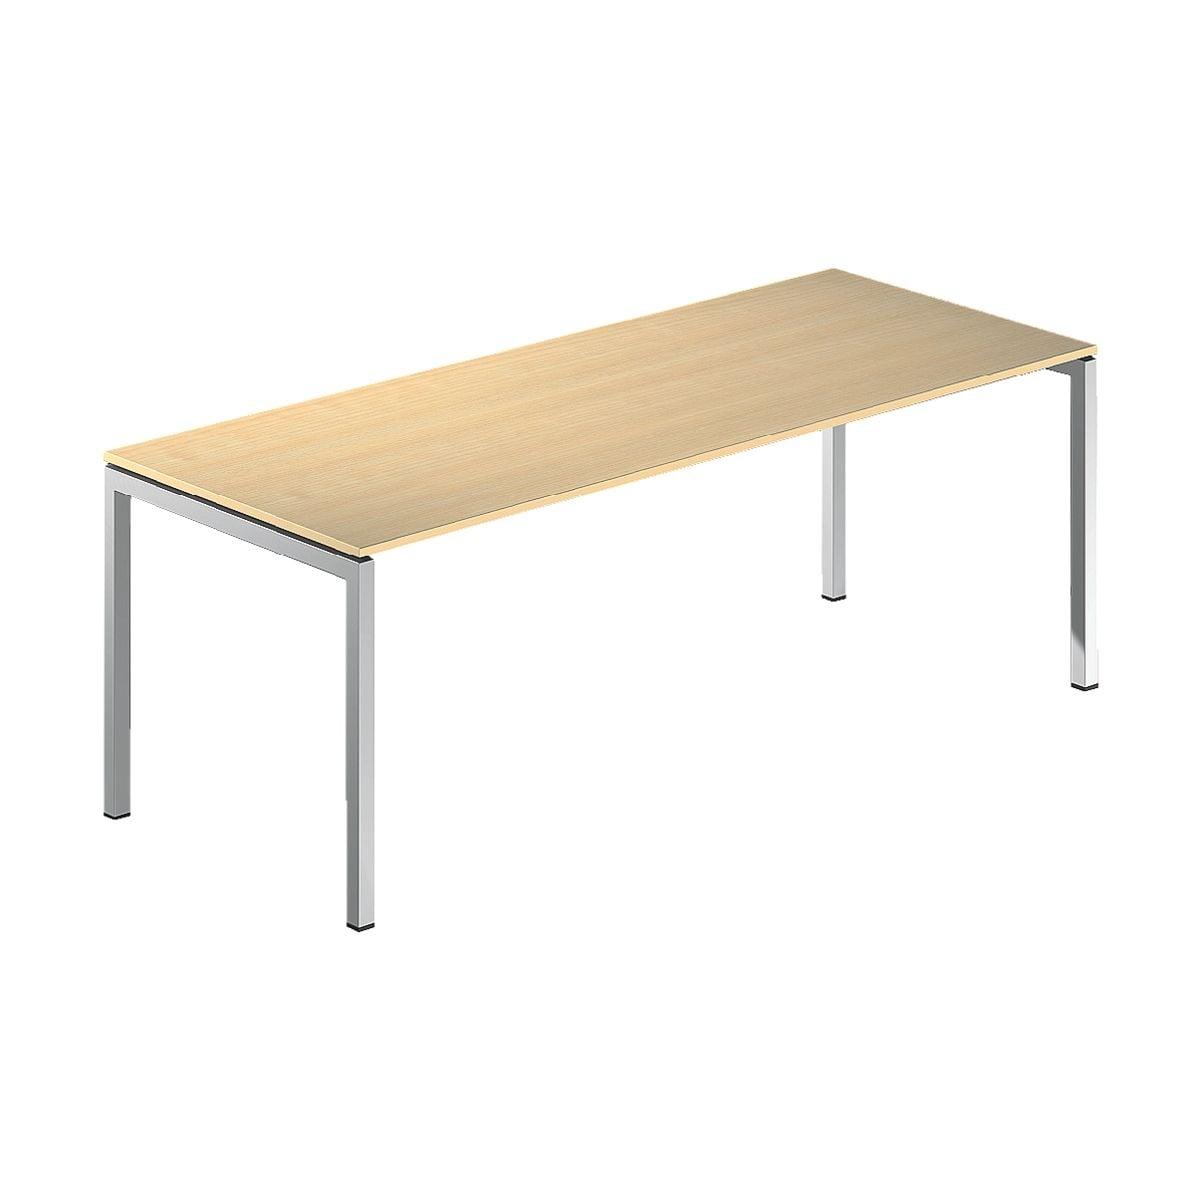 Cp bureau asisto 200 cm 4 poten antraciet voordelig for Bureau 200 cm